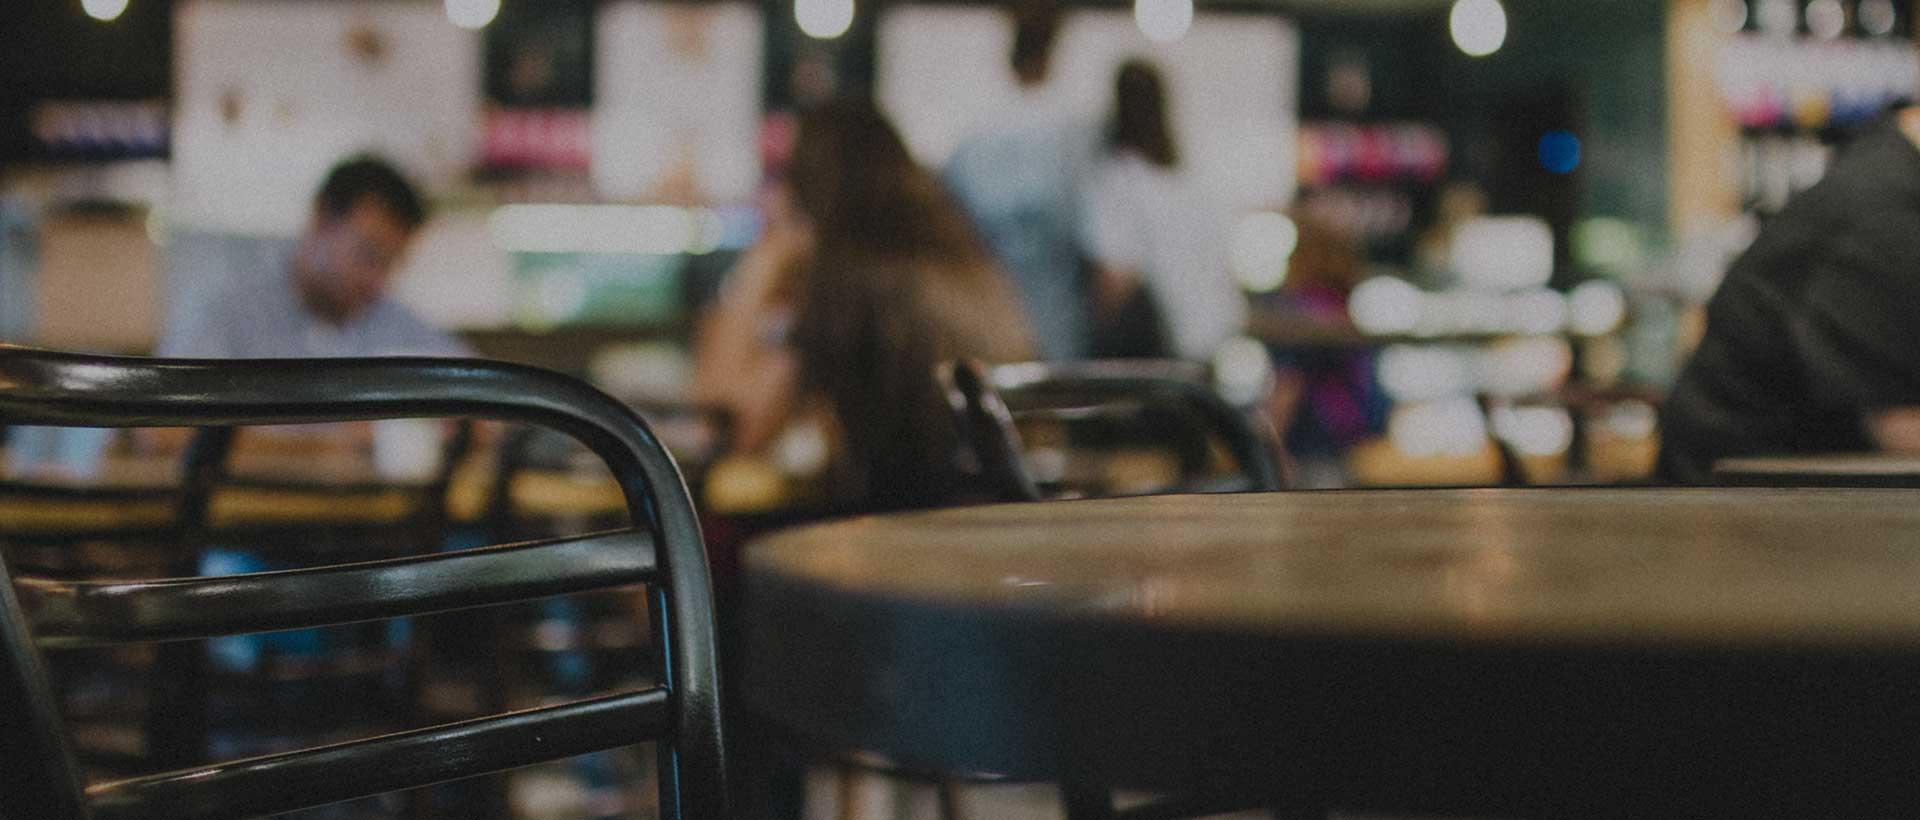 Caffè, bar e altri locali